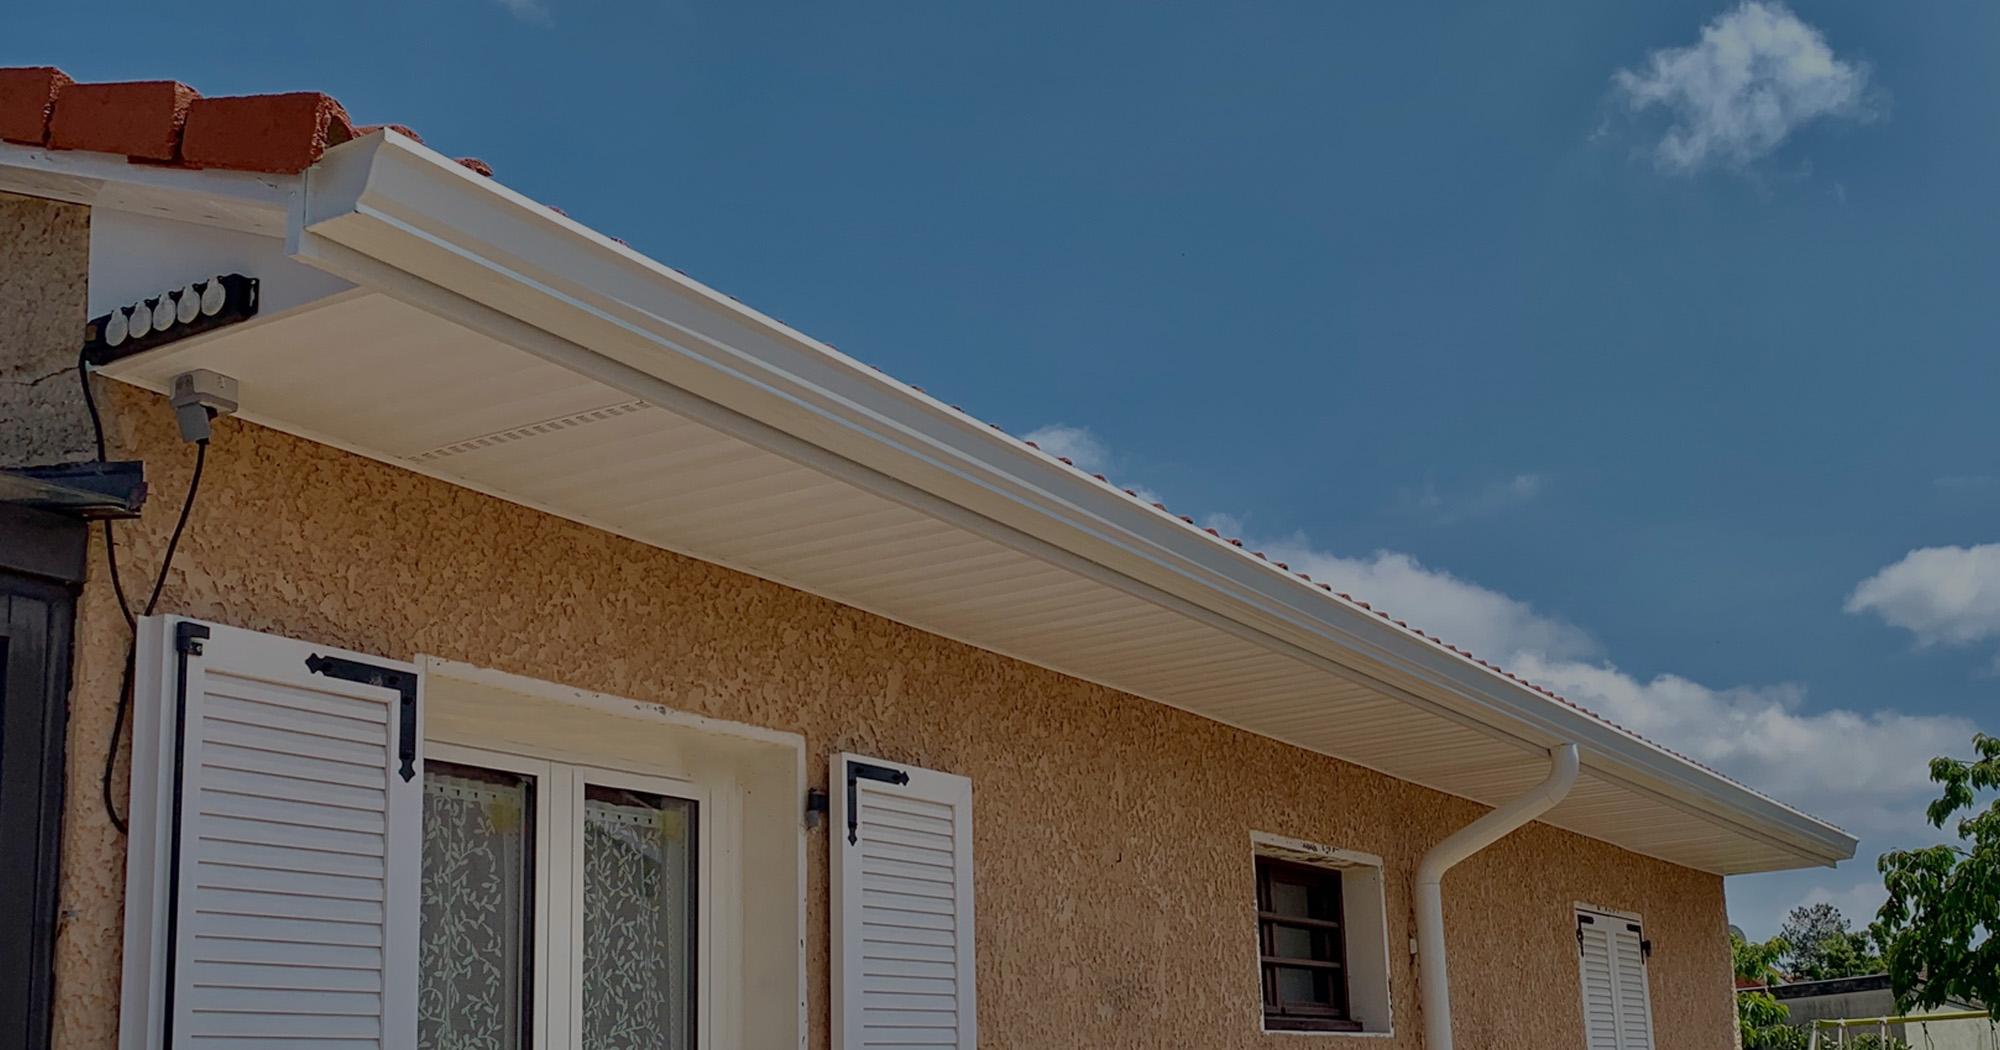 La protection de votre habitation avec l'installation d'une porte d'entrée robuste